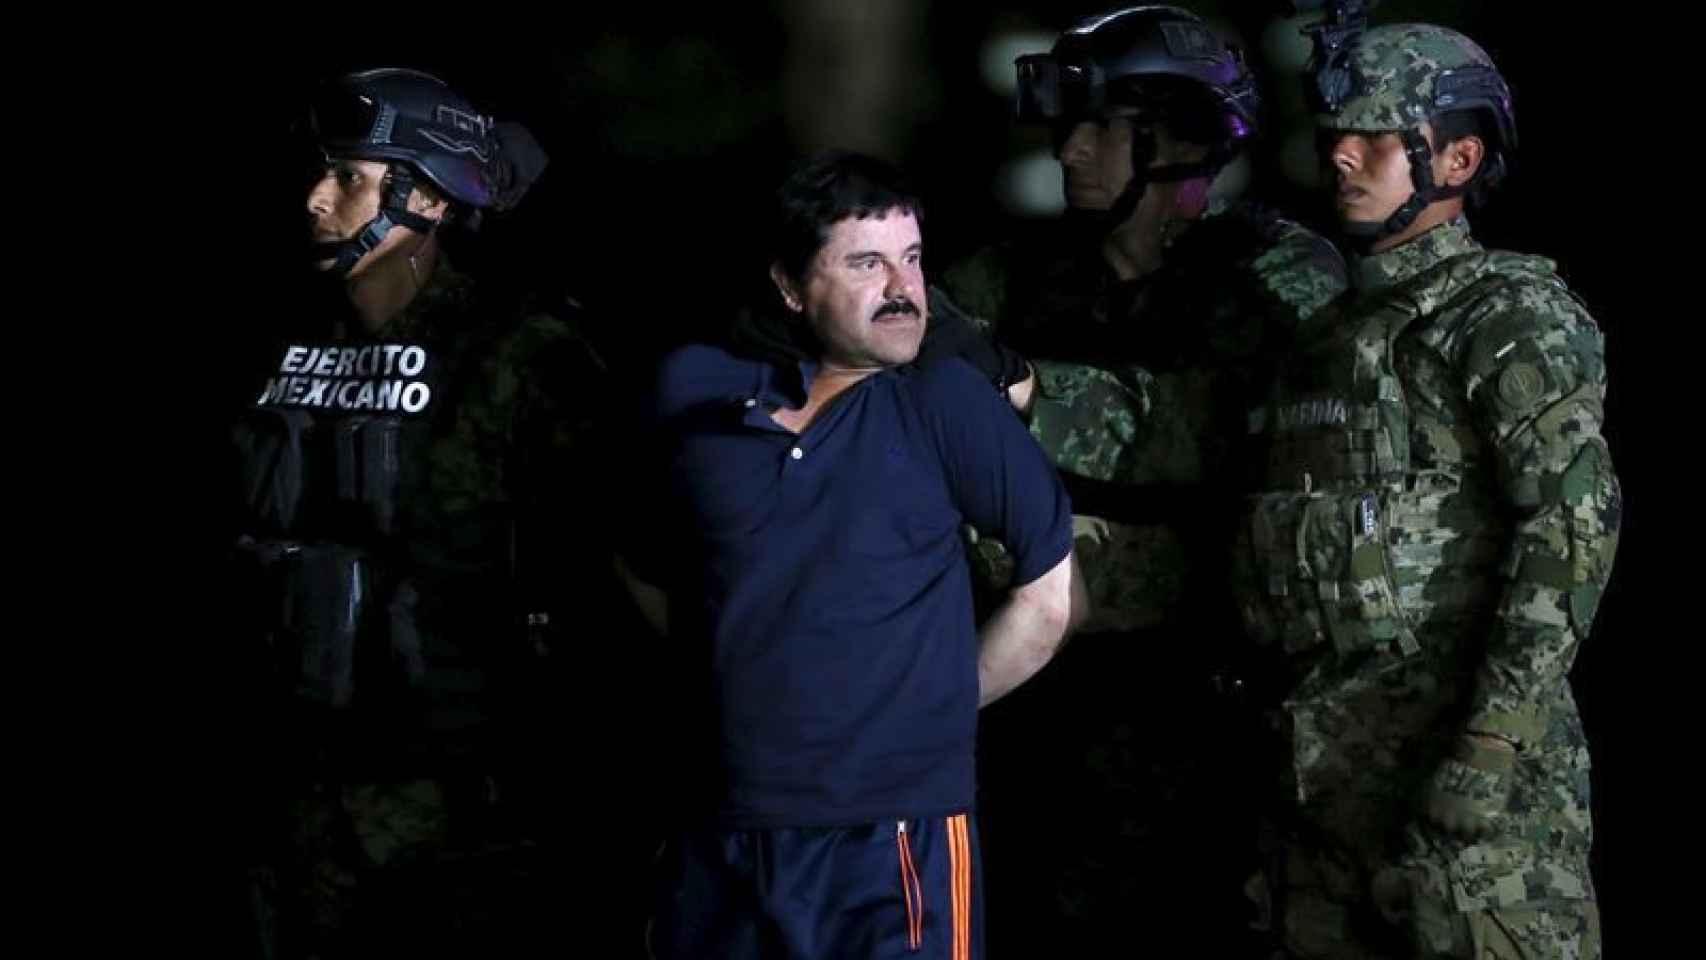 El Chapo fue detenido de nuevo el pasado 8 de enero